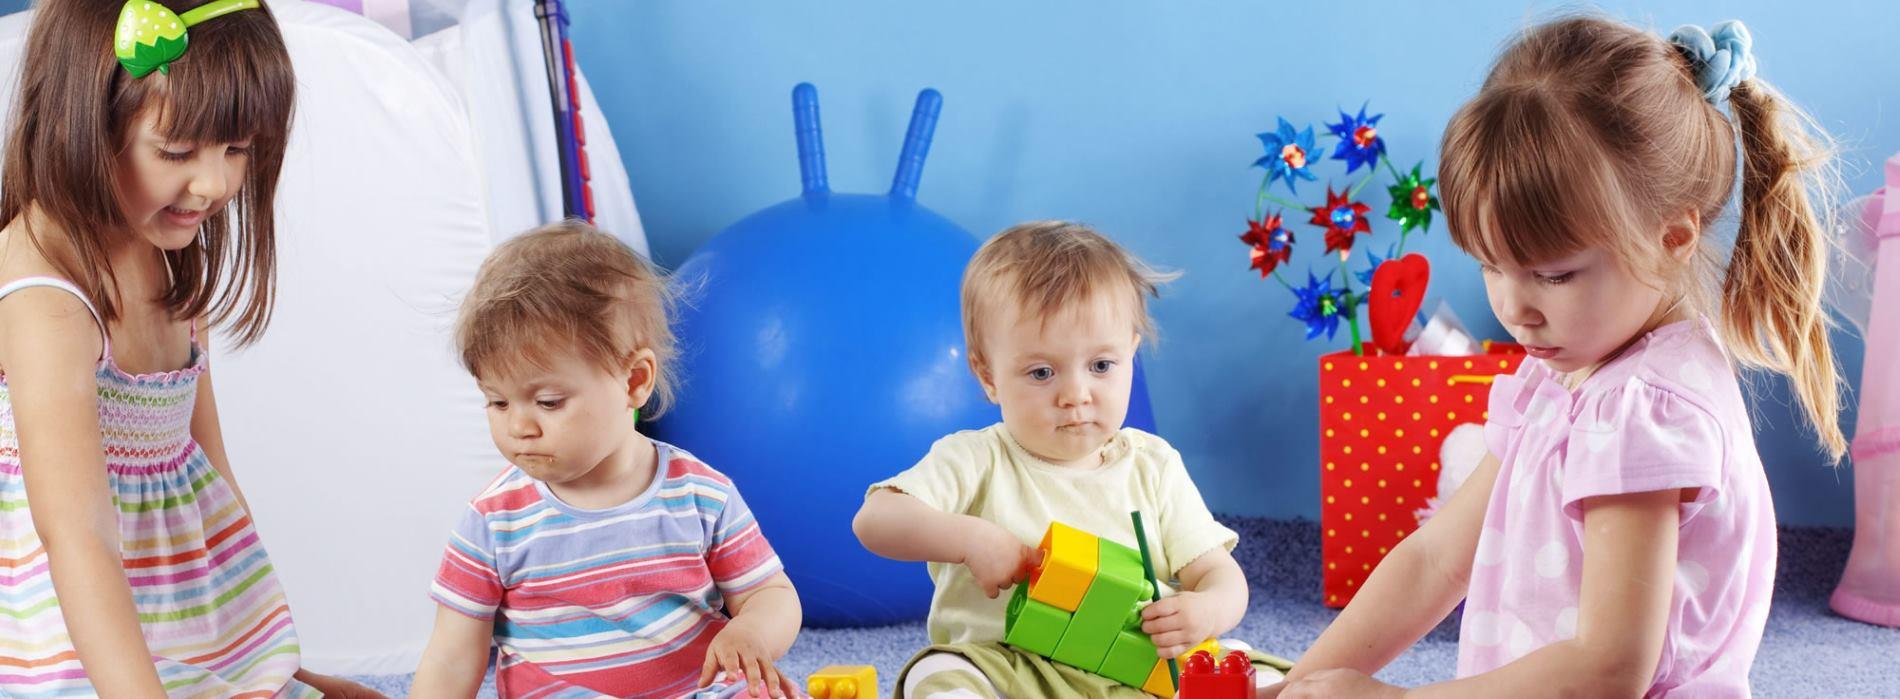 HUMANITARNA INICIJATIVA Traje akcija 'Valcer za monitor' usmjerena za nabavku uređaja za Dječju bolnicu 'Kantrida'